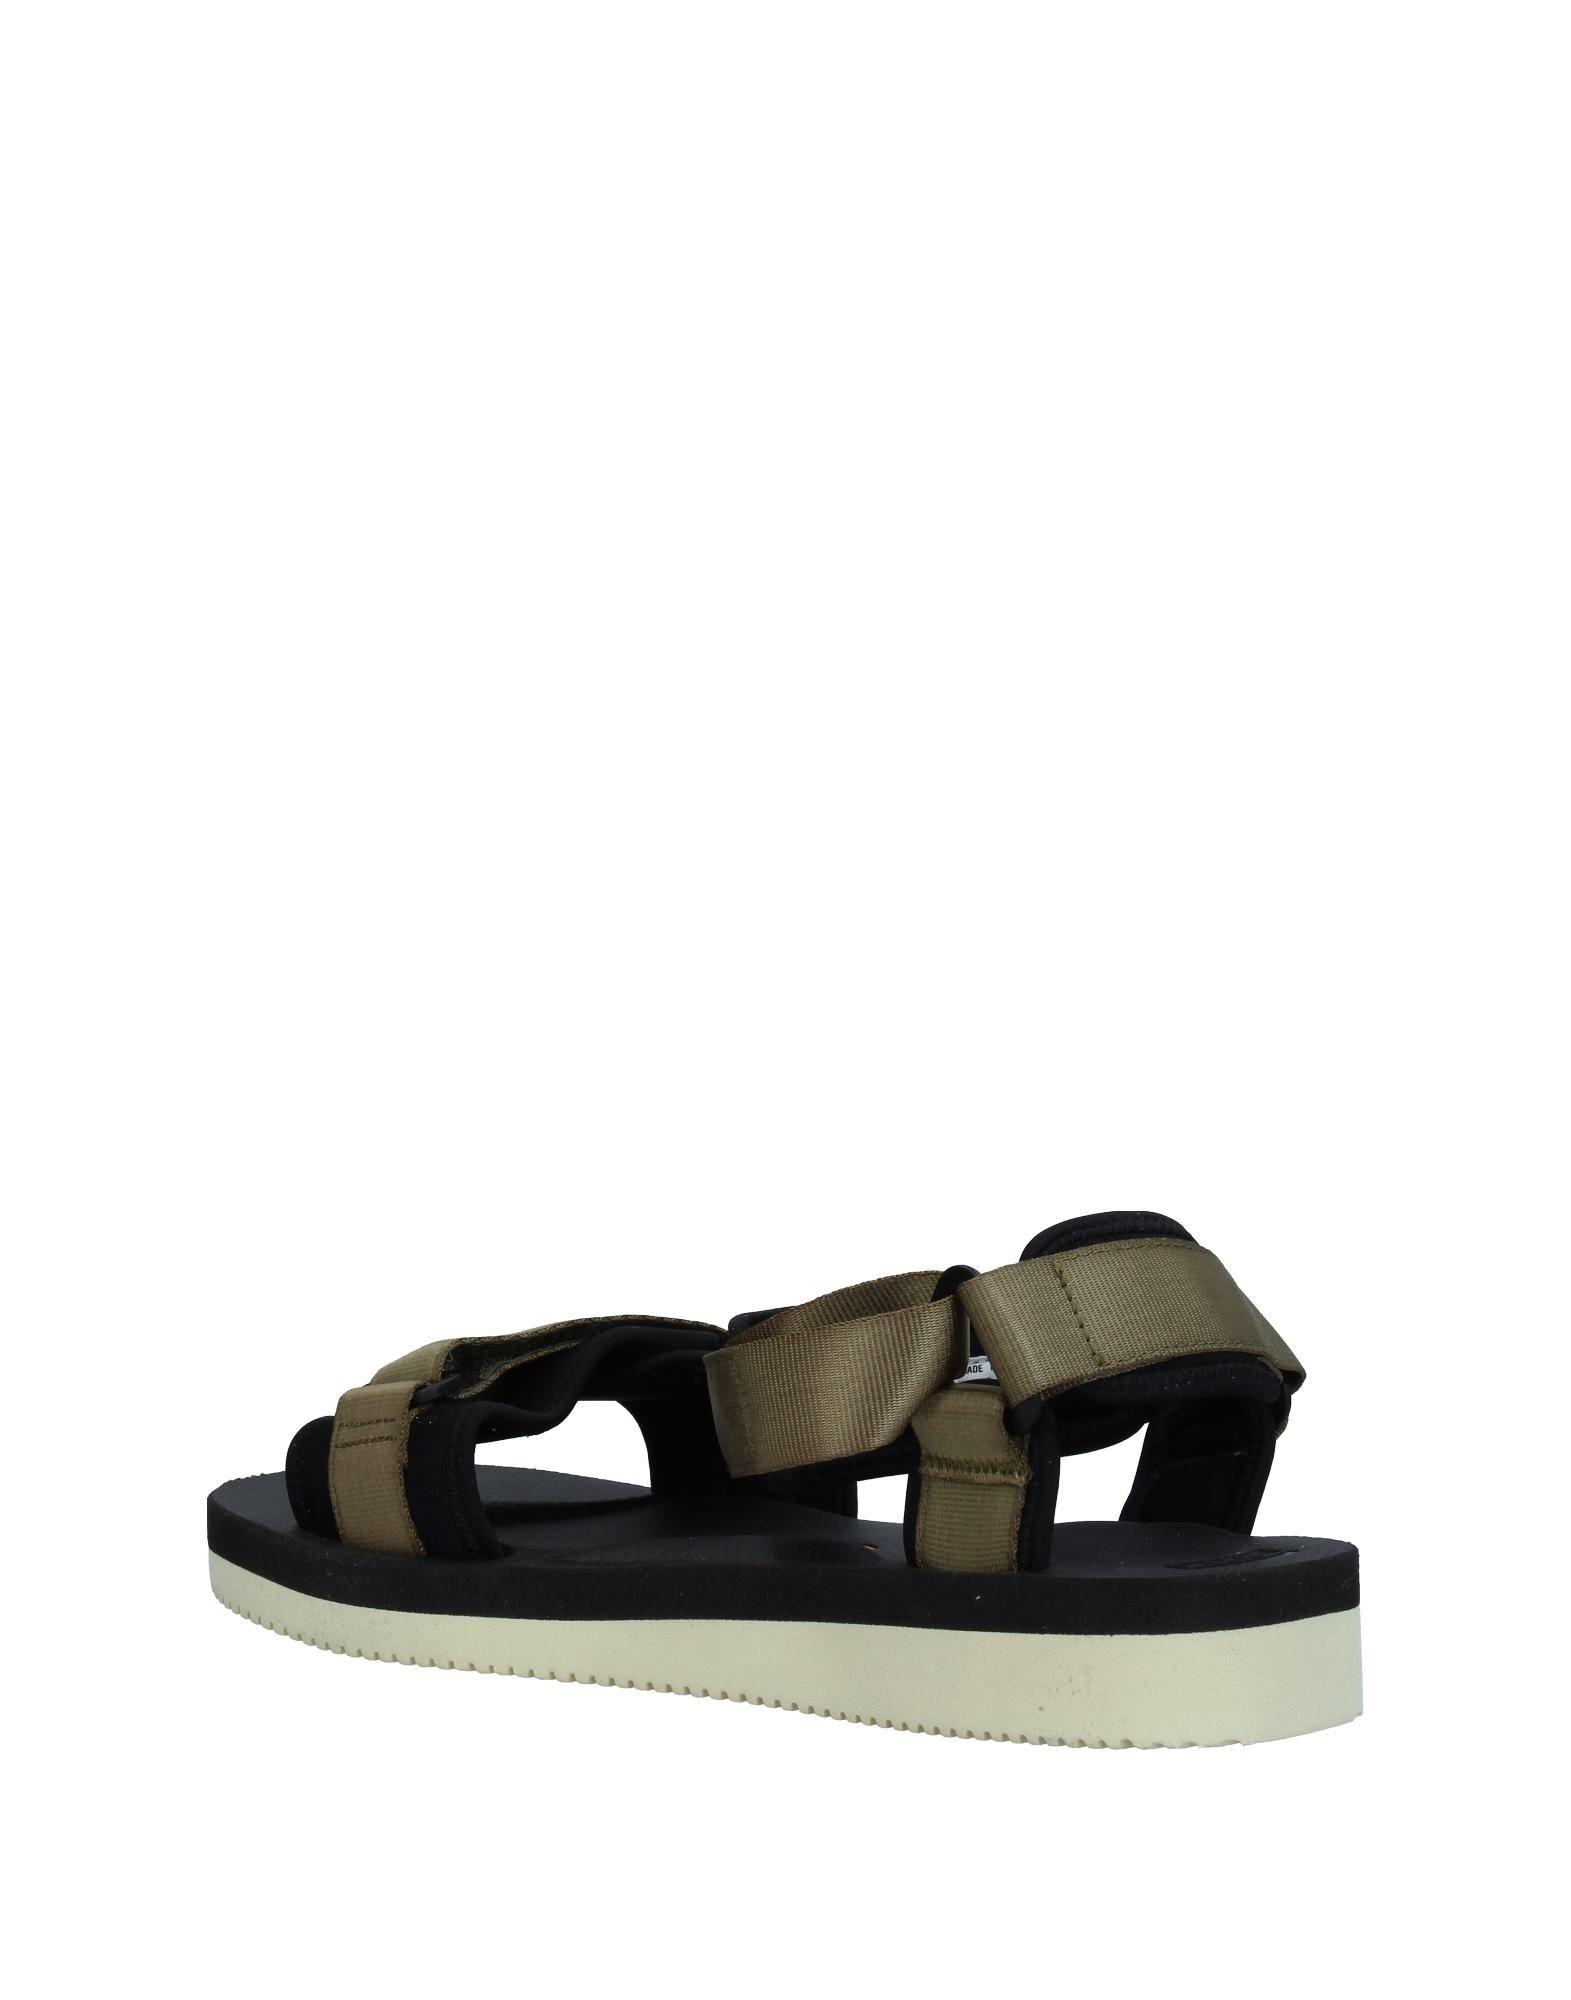 Sandales Suicoke Homme - Sandales Suicoke sur